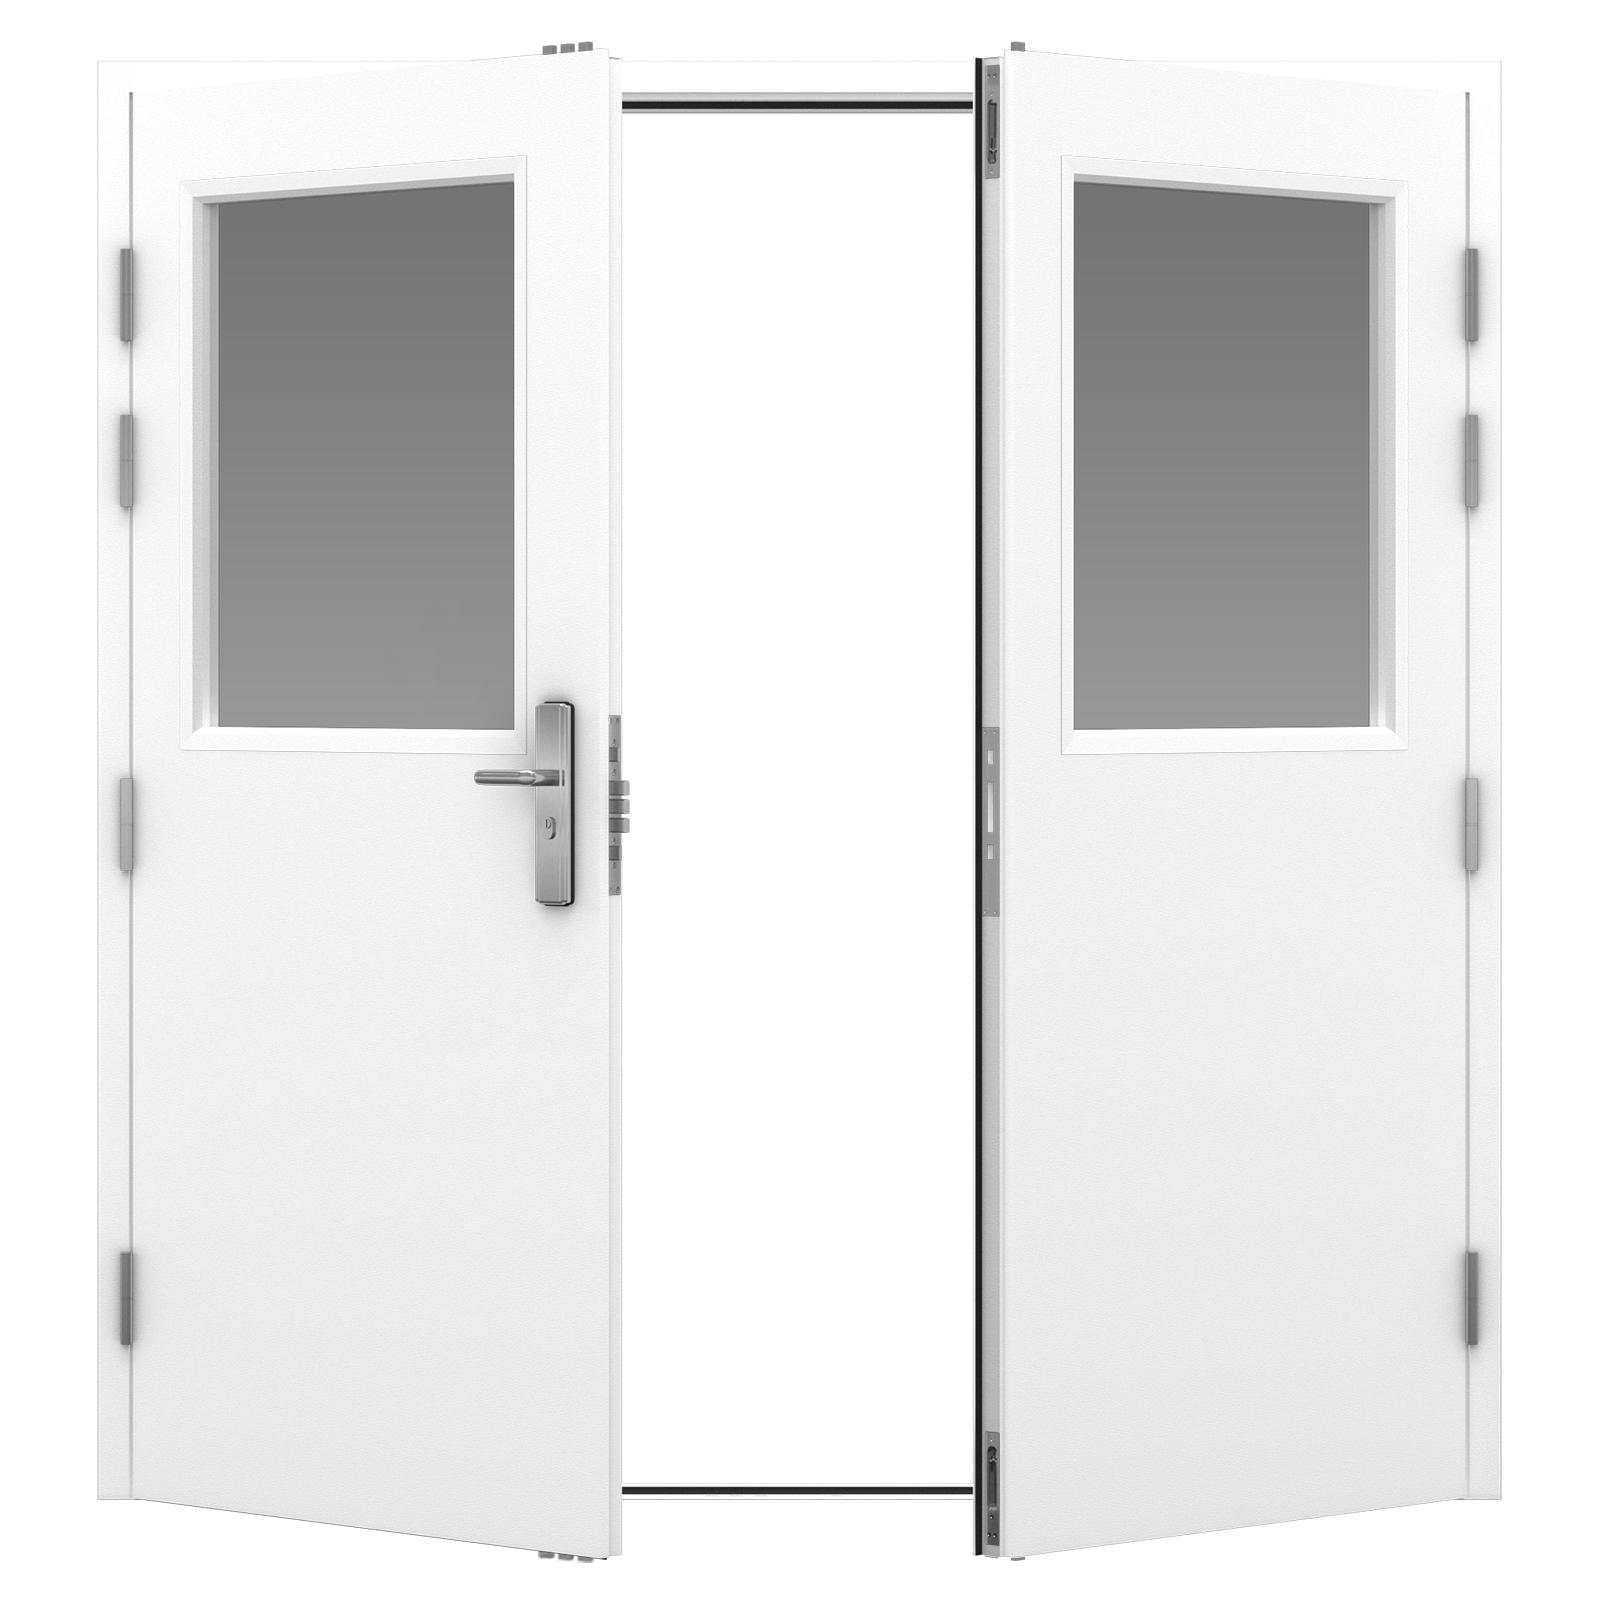 Glazed Steel Security Double Door Latham S Steel Doors